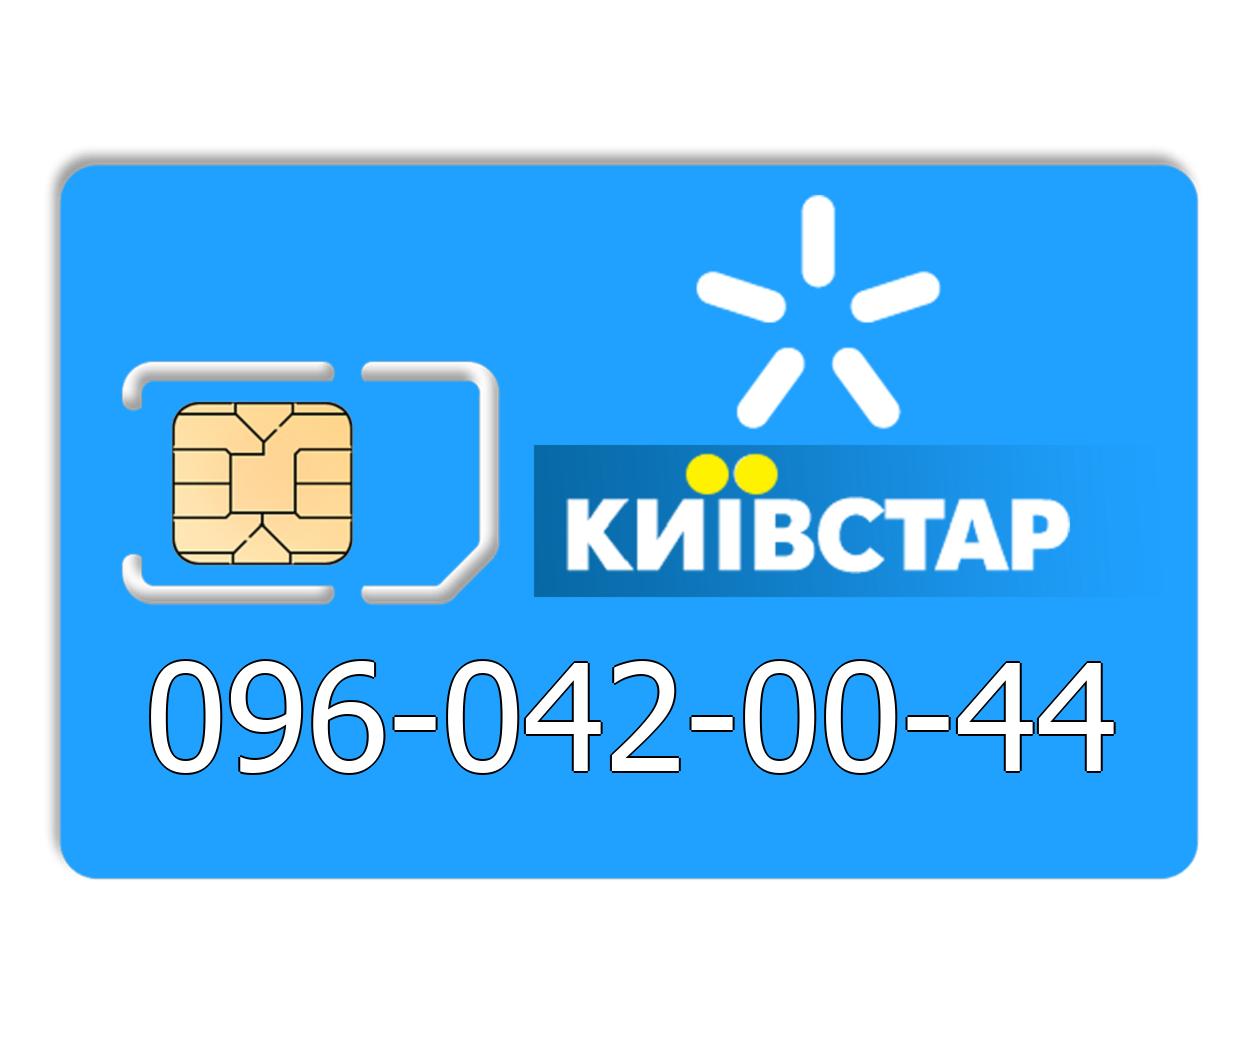 Красивый номер Киевстар 096-042-00-44